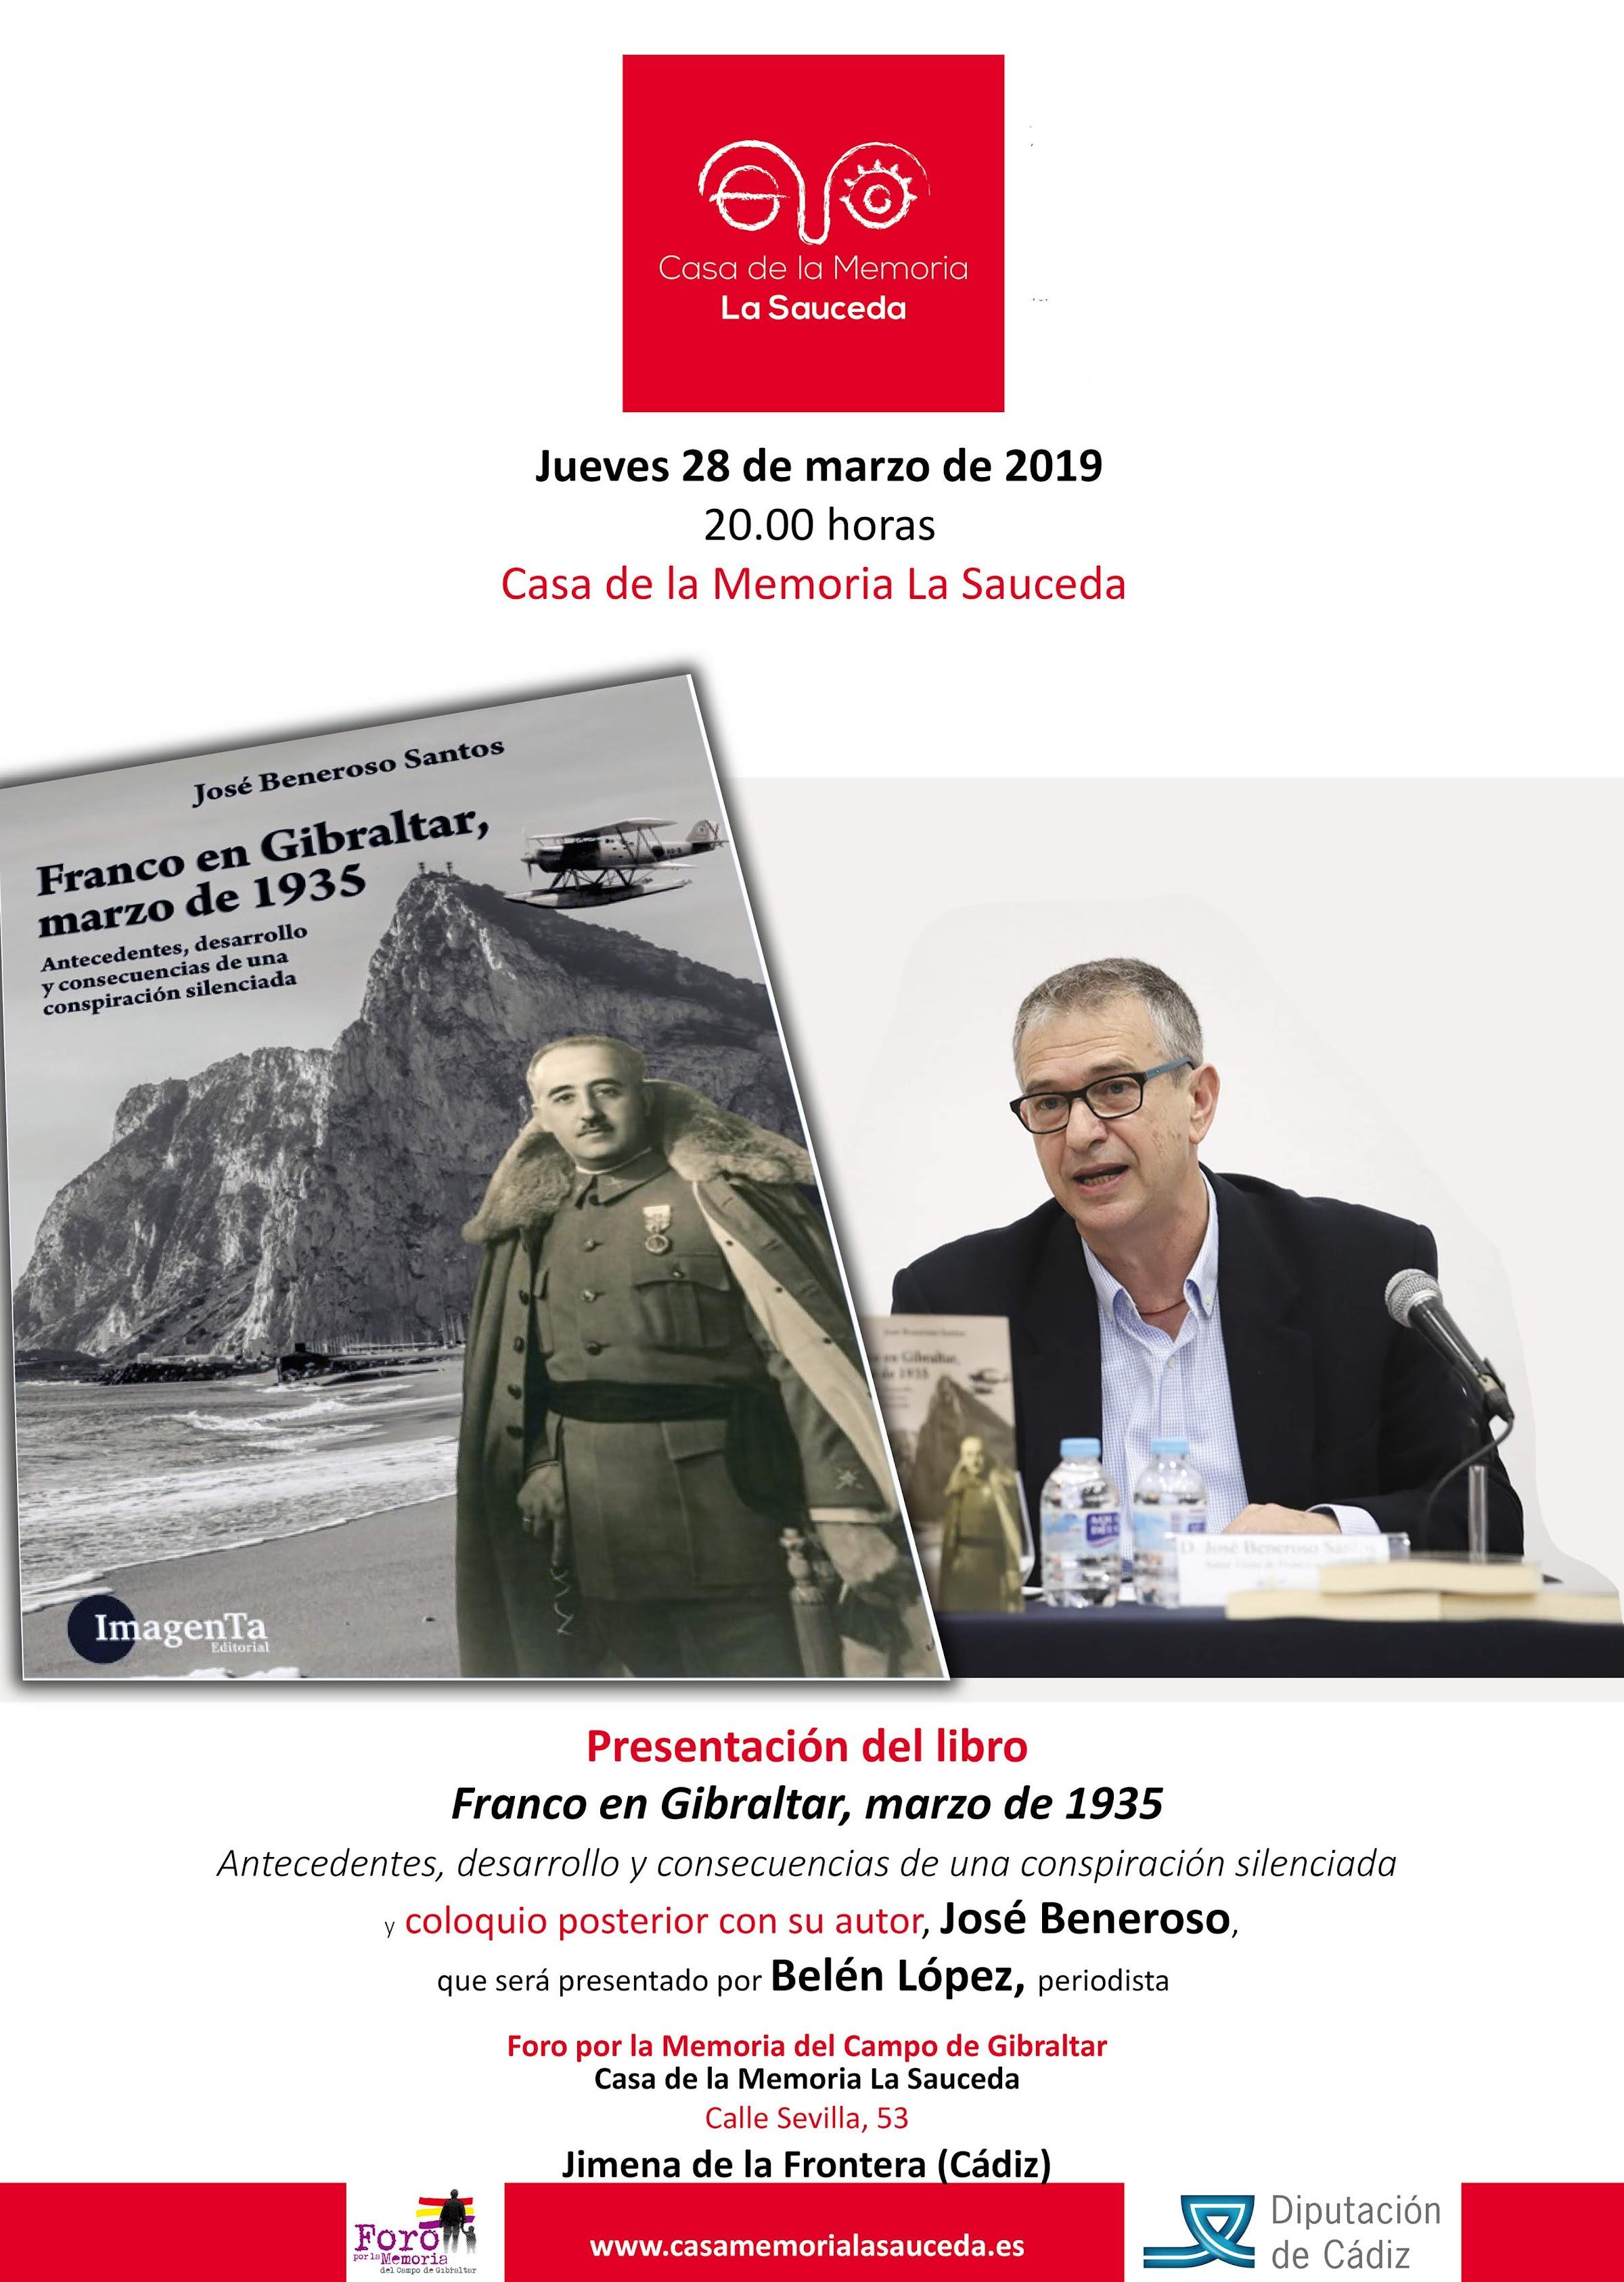 El historiador José Beneroso presentará el jueves 28 en la Casa de la Memoria su libro Franco en Gibraltar, marzo de 1935